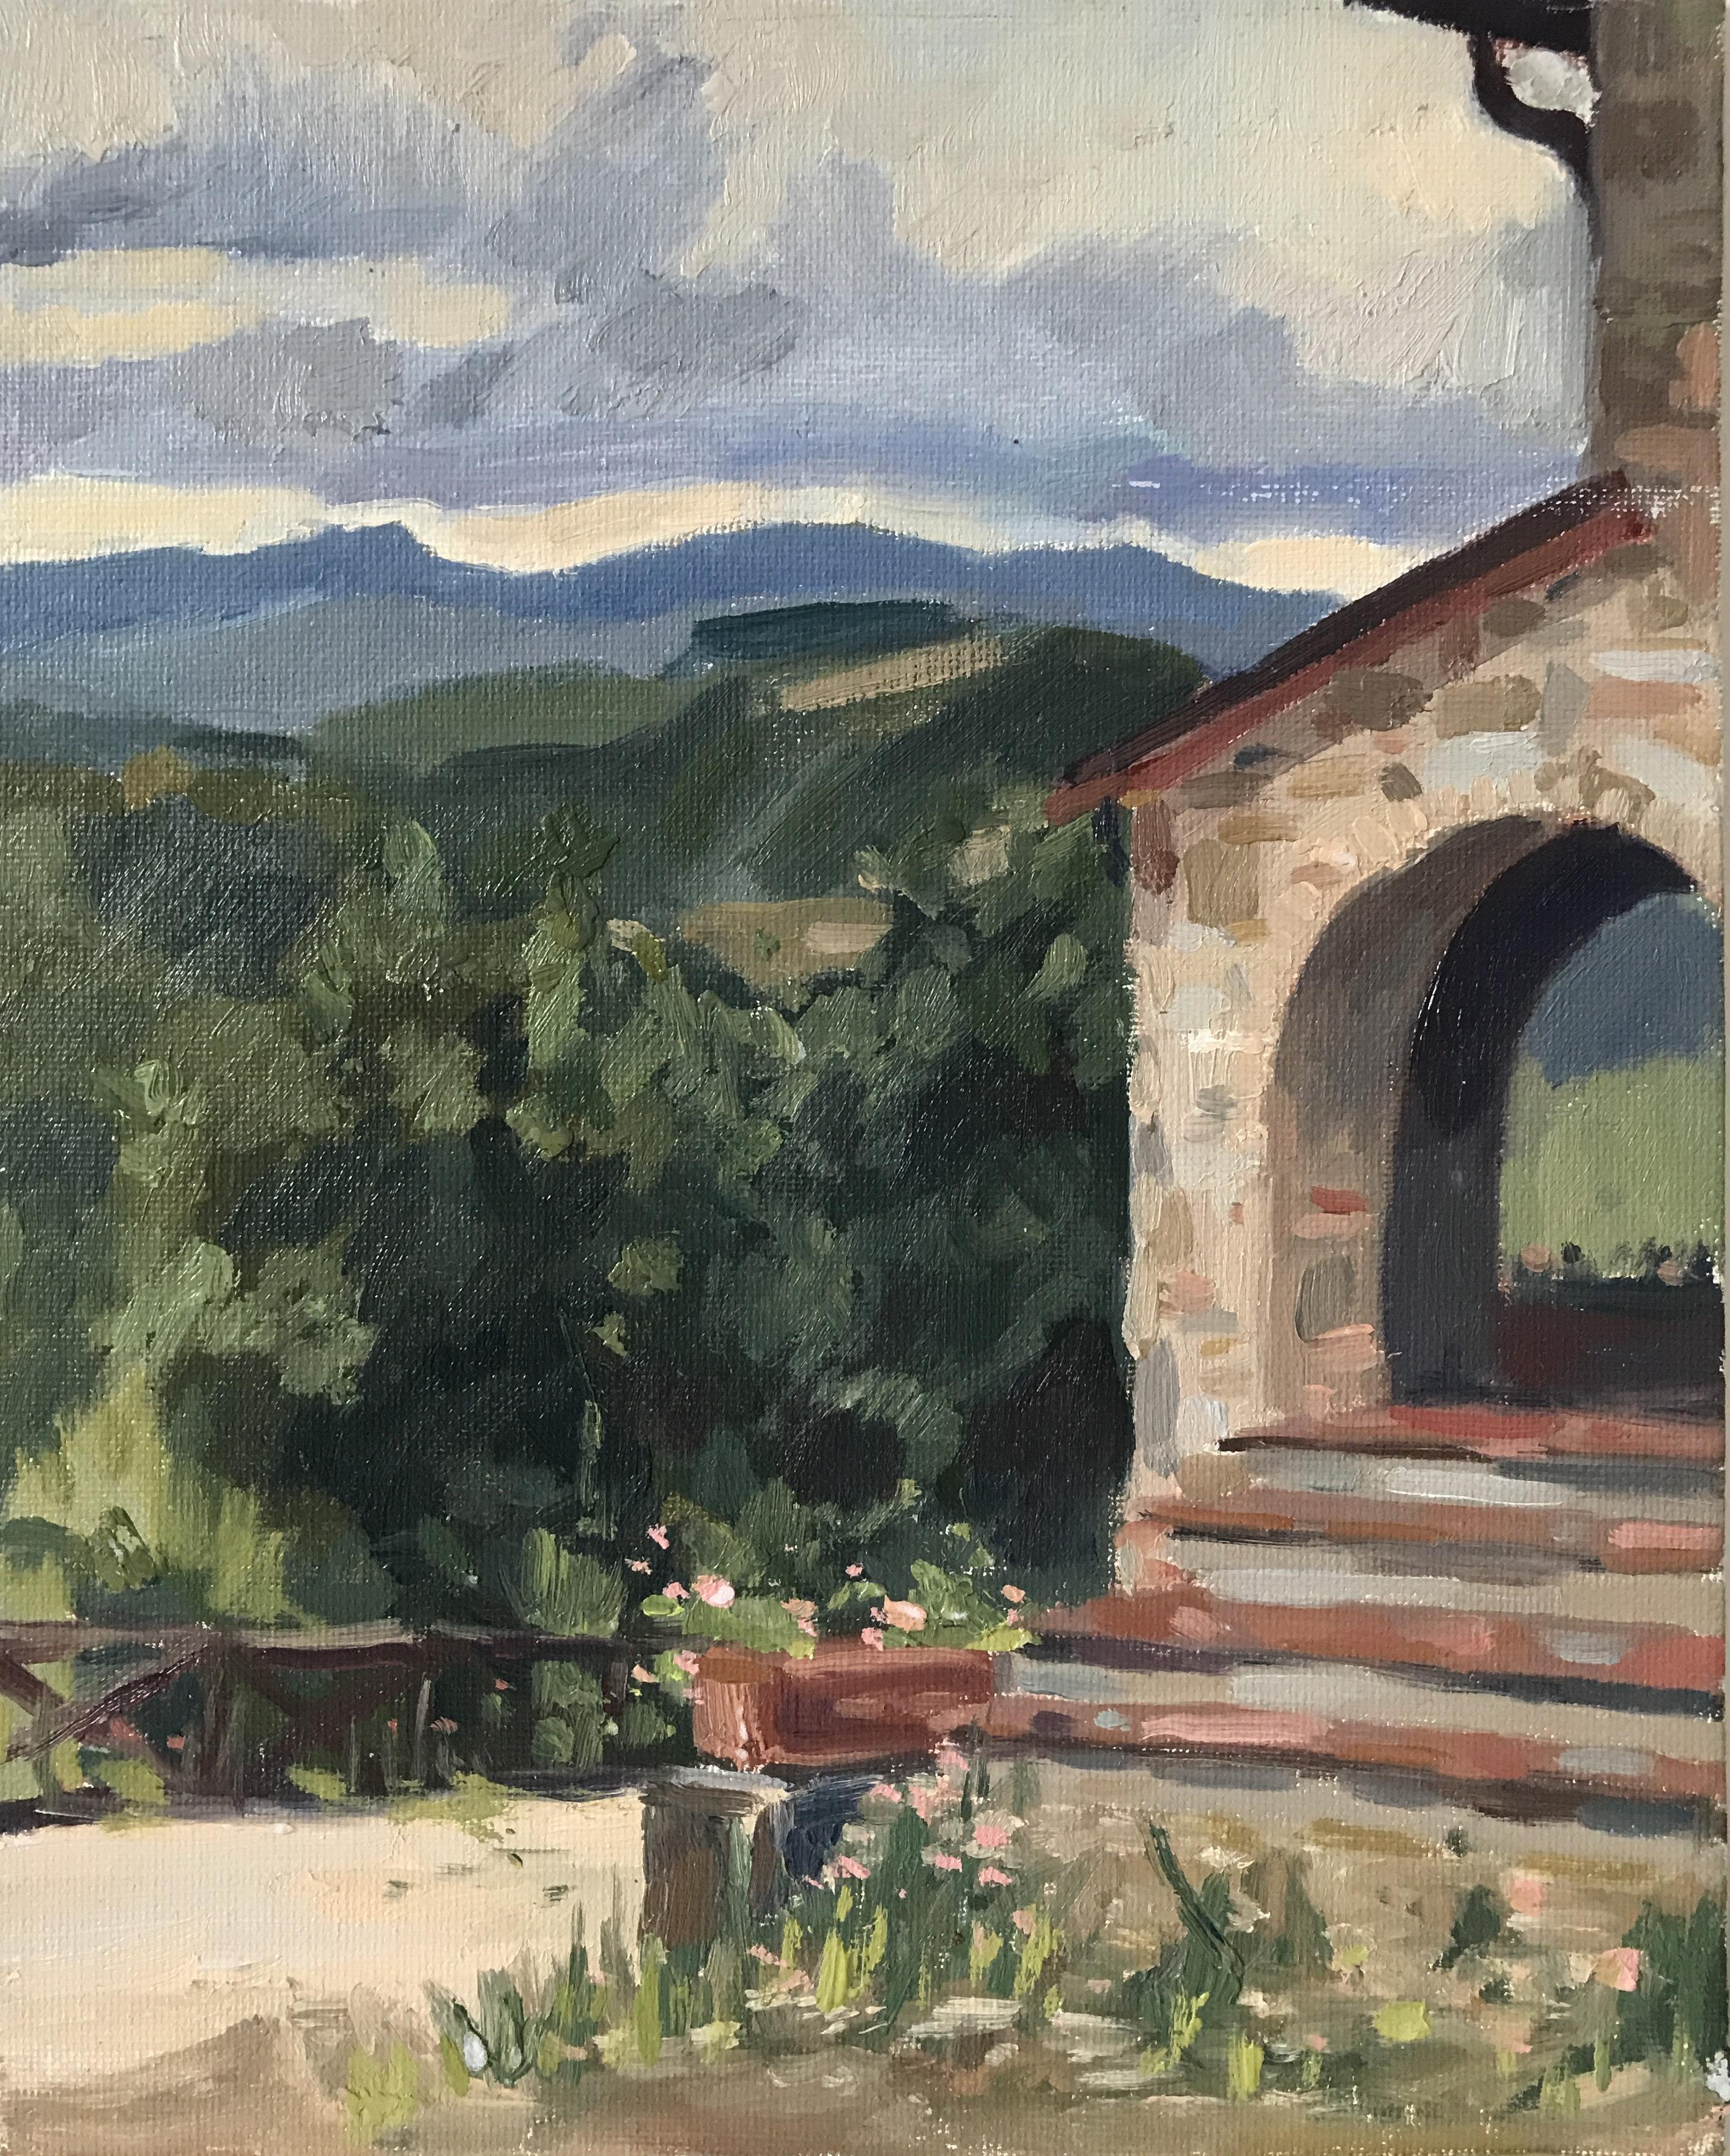 Umbrian Landscape